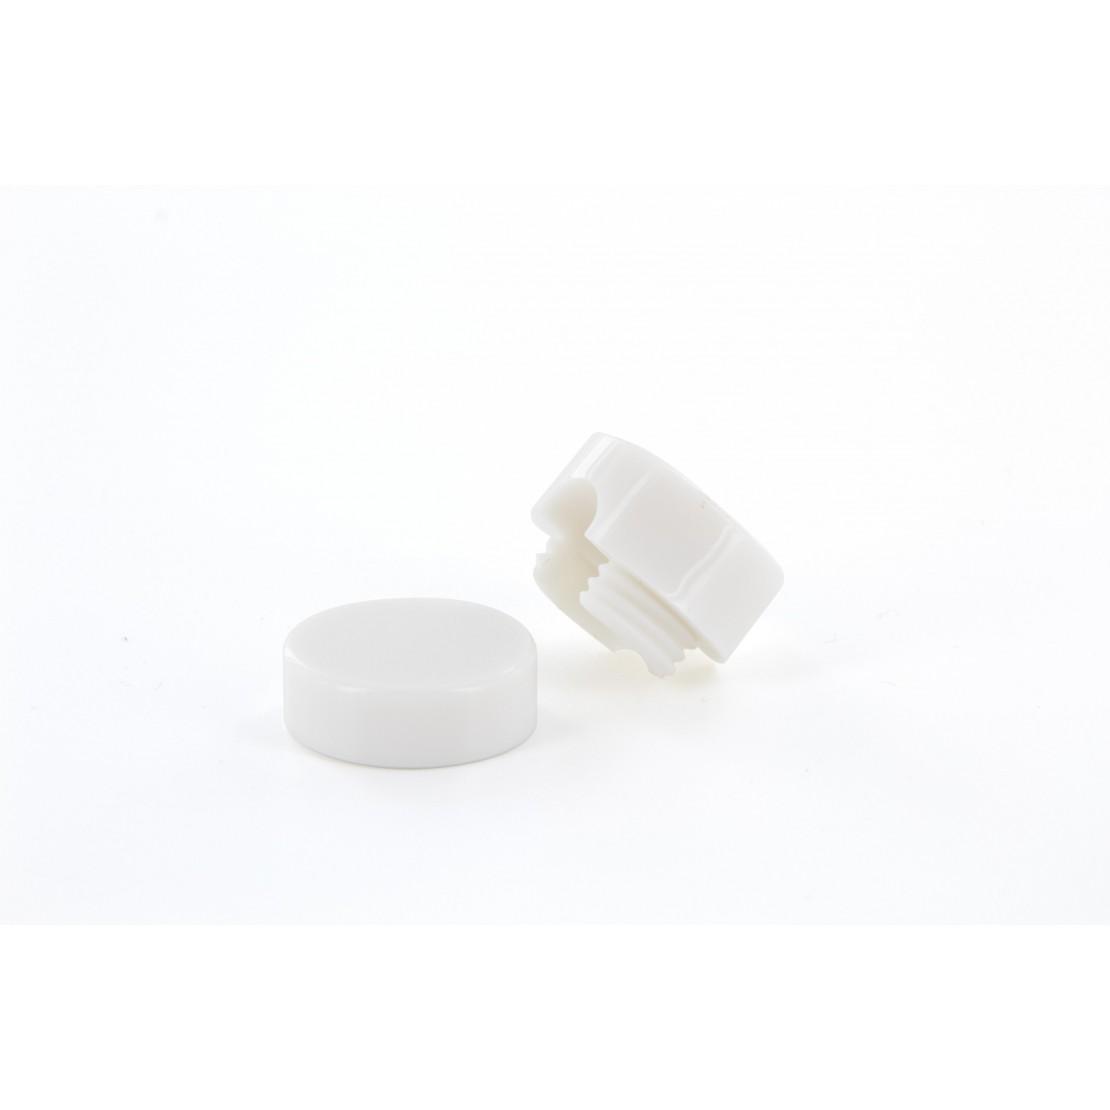 Fixation au mur  pour le passa ge d'un câble textile - blanc - 2PCES